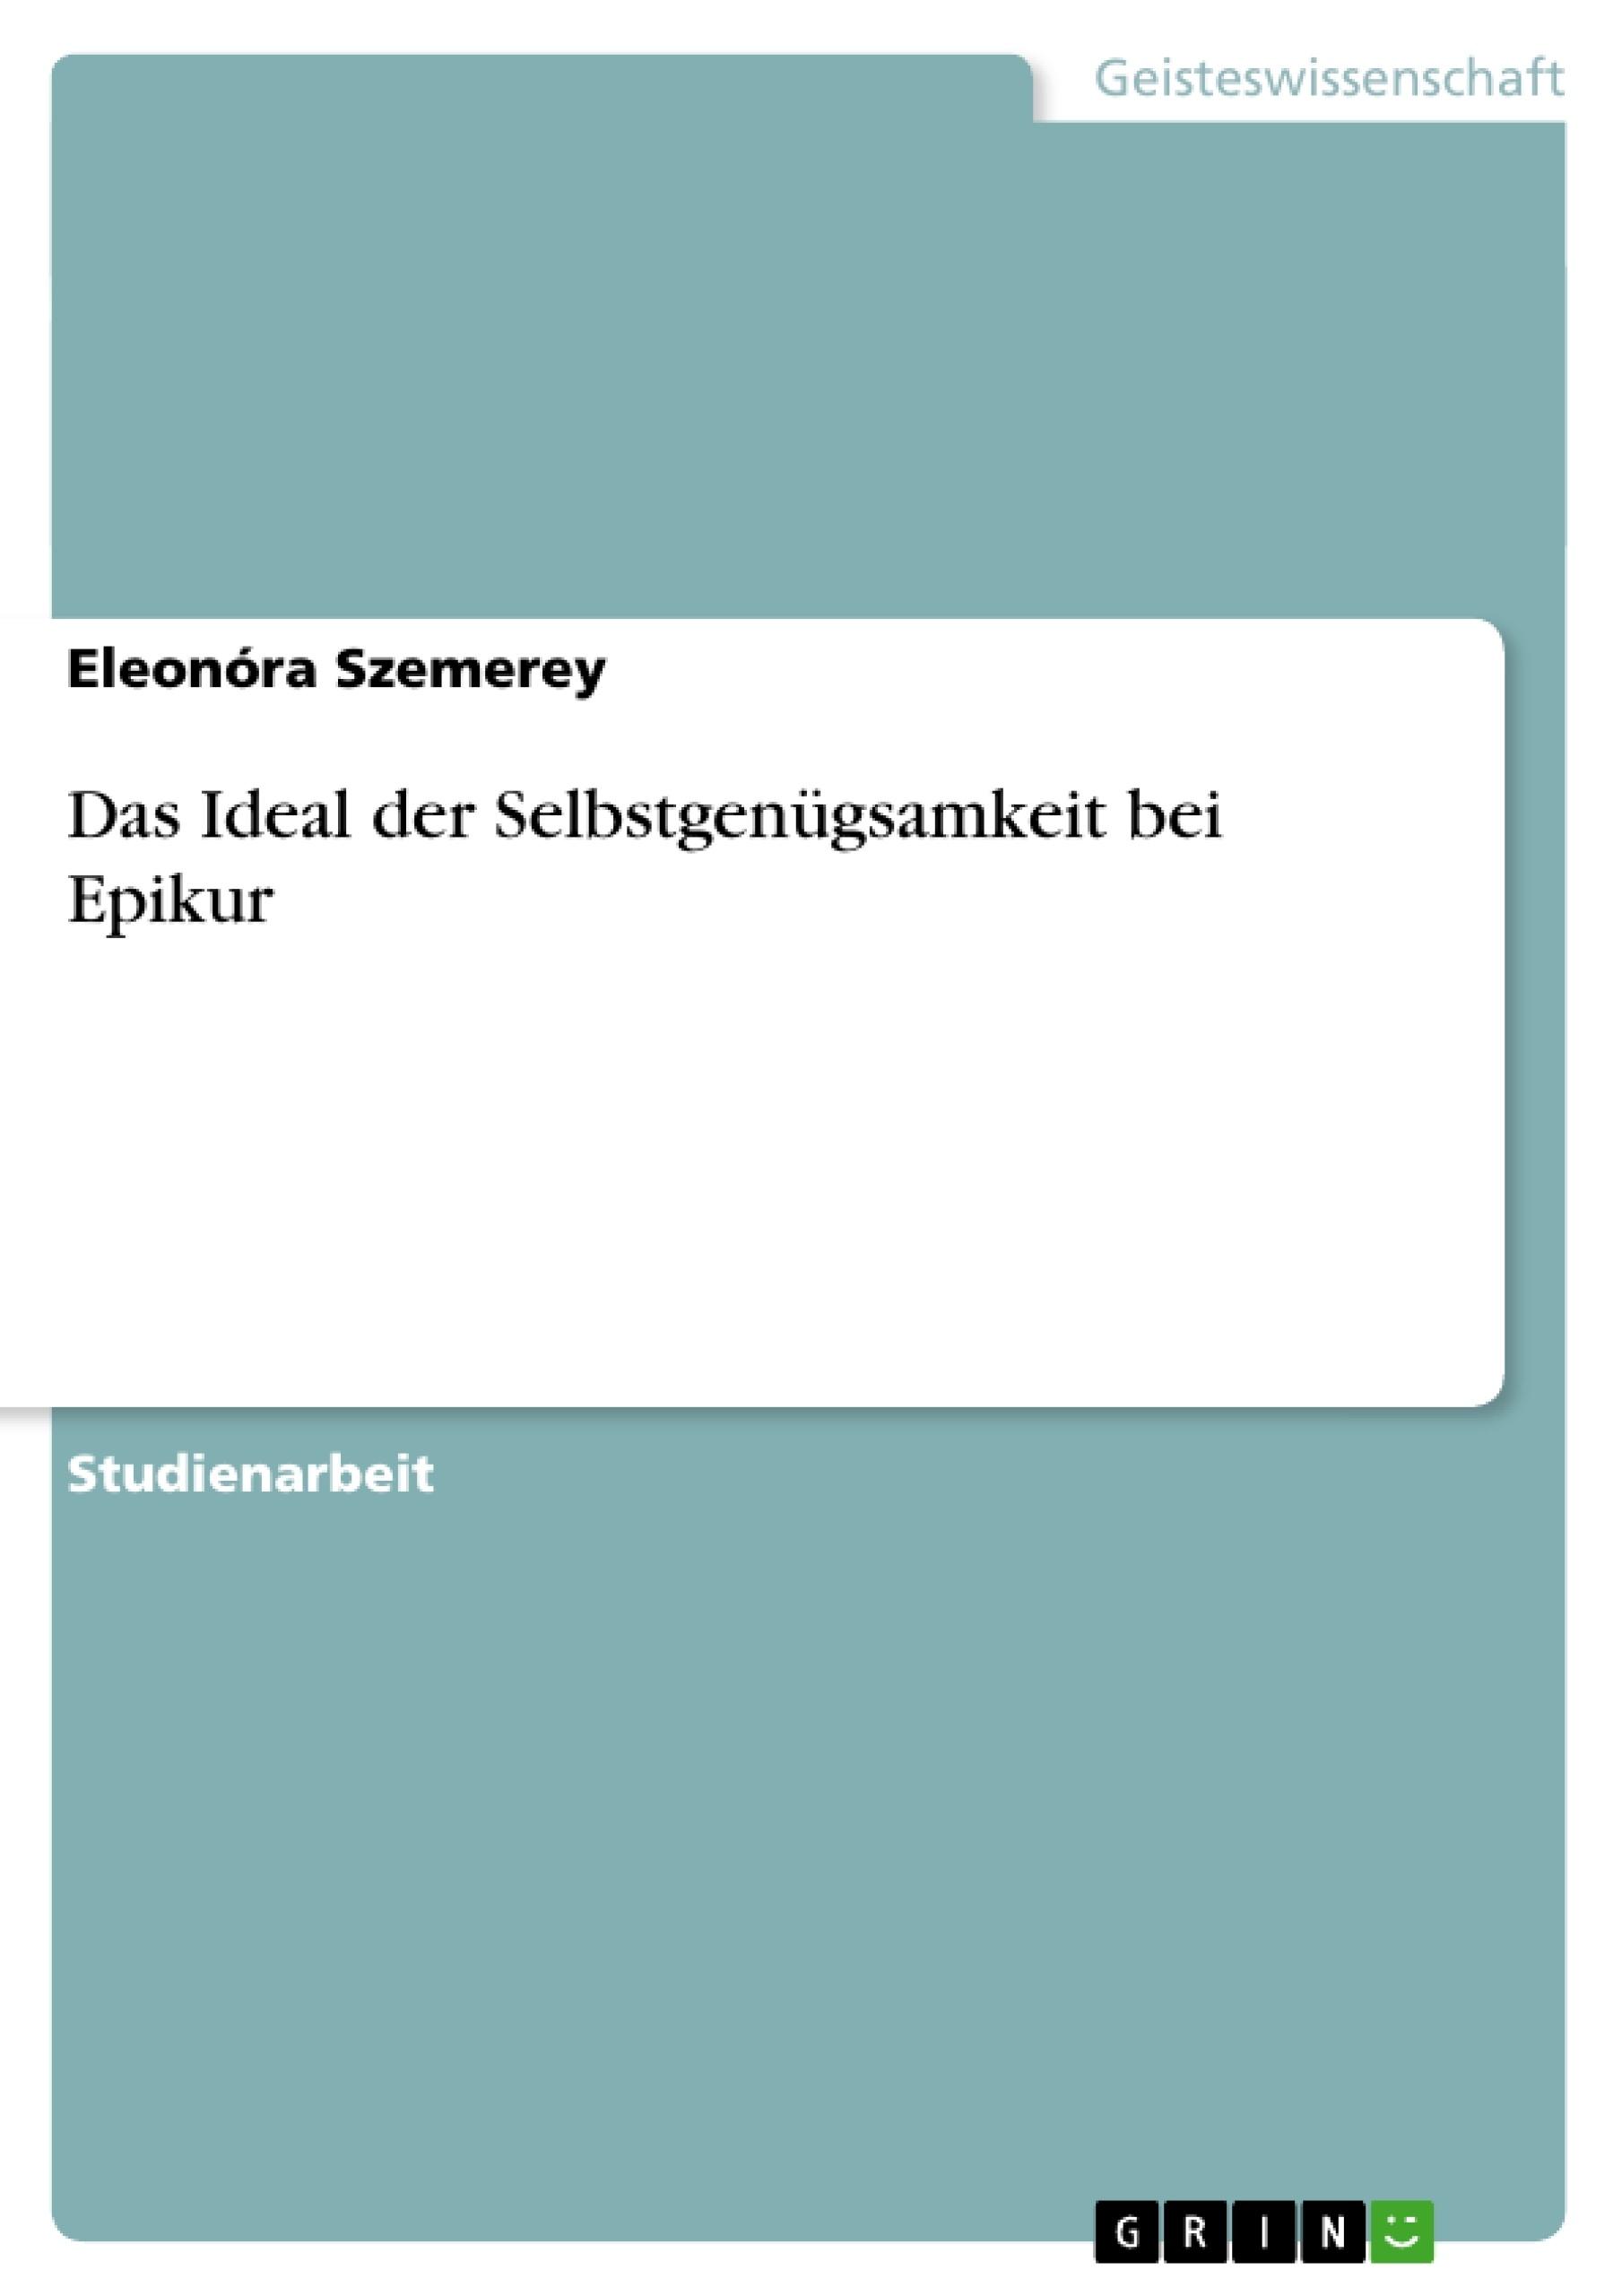 Titel: Das Ideal der Selbstgenügsamkeit bei Epikur